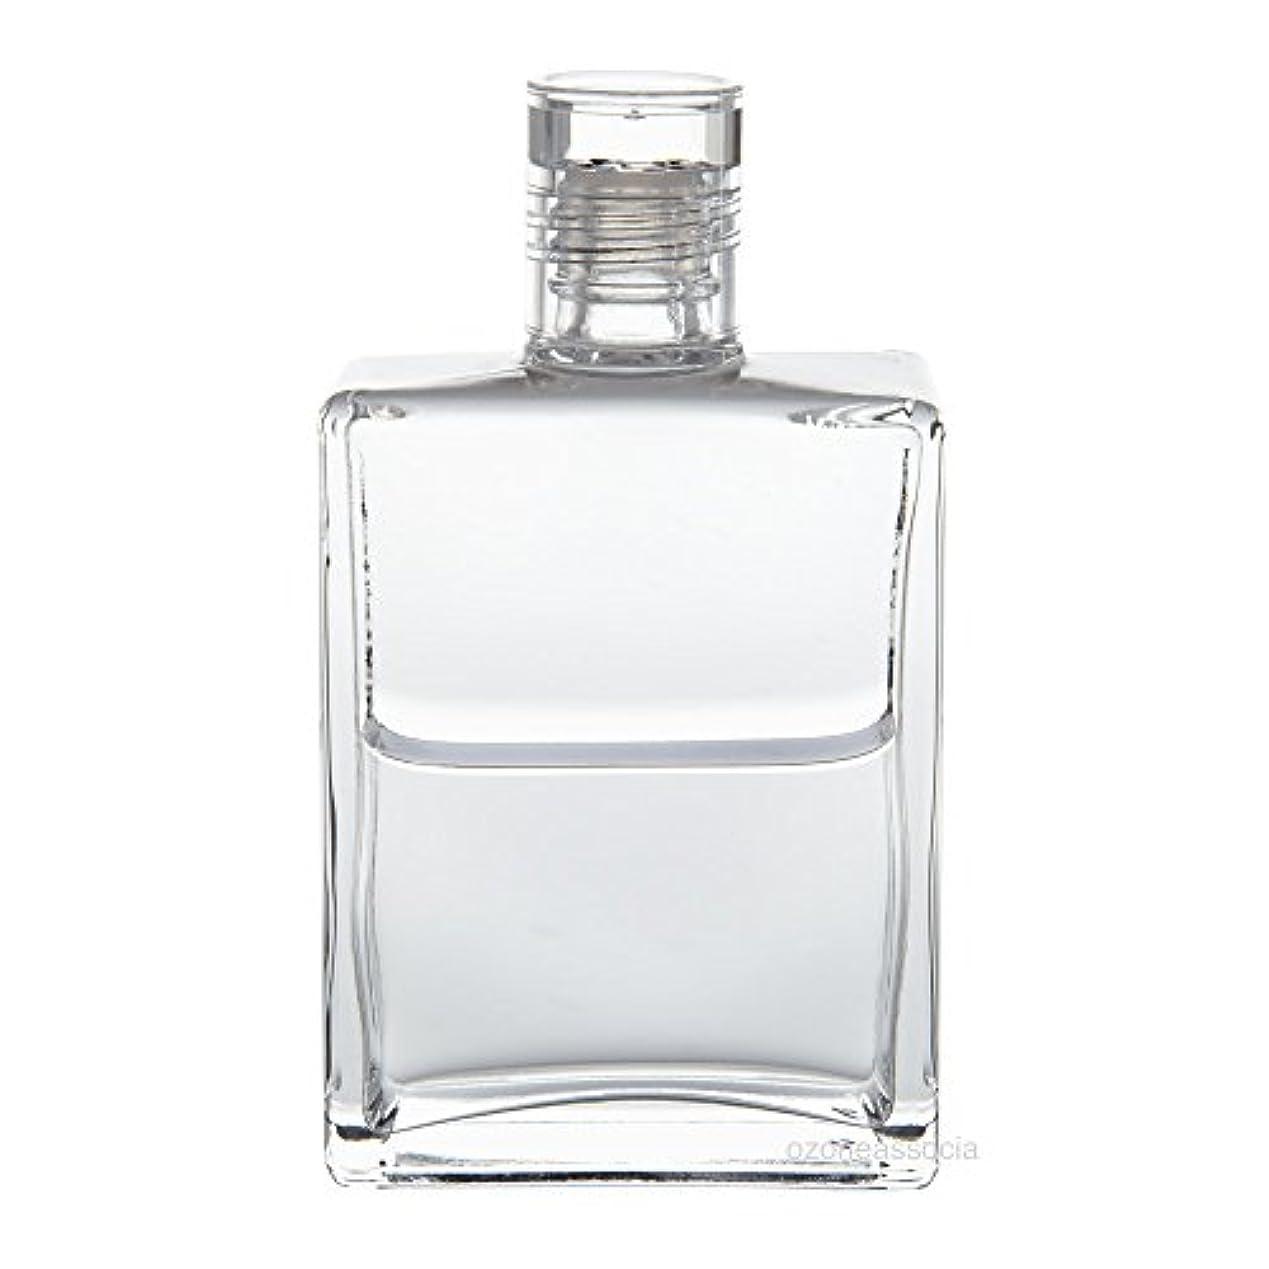 厚くするあらゆる種類のビームオーラソーマ ボトル 54番  セラピスベイ (クリアー/クリアー) イクイリブリアムボトル50ml Aurasoma